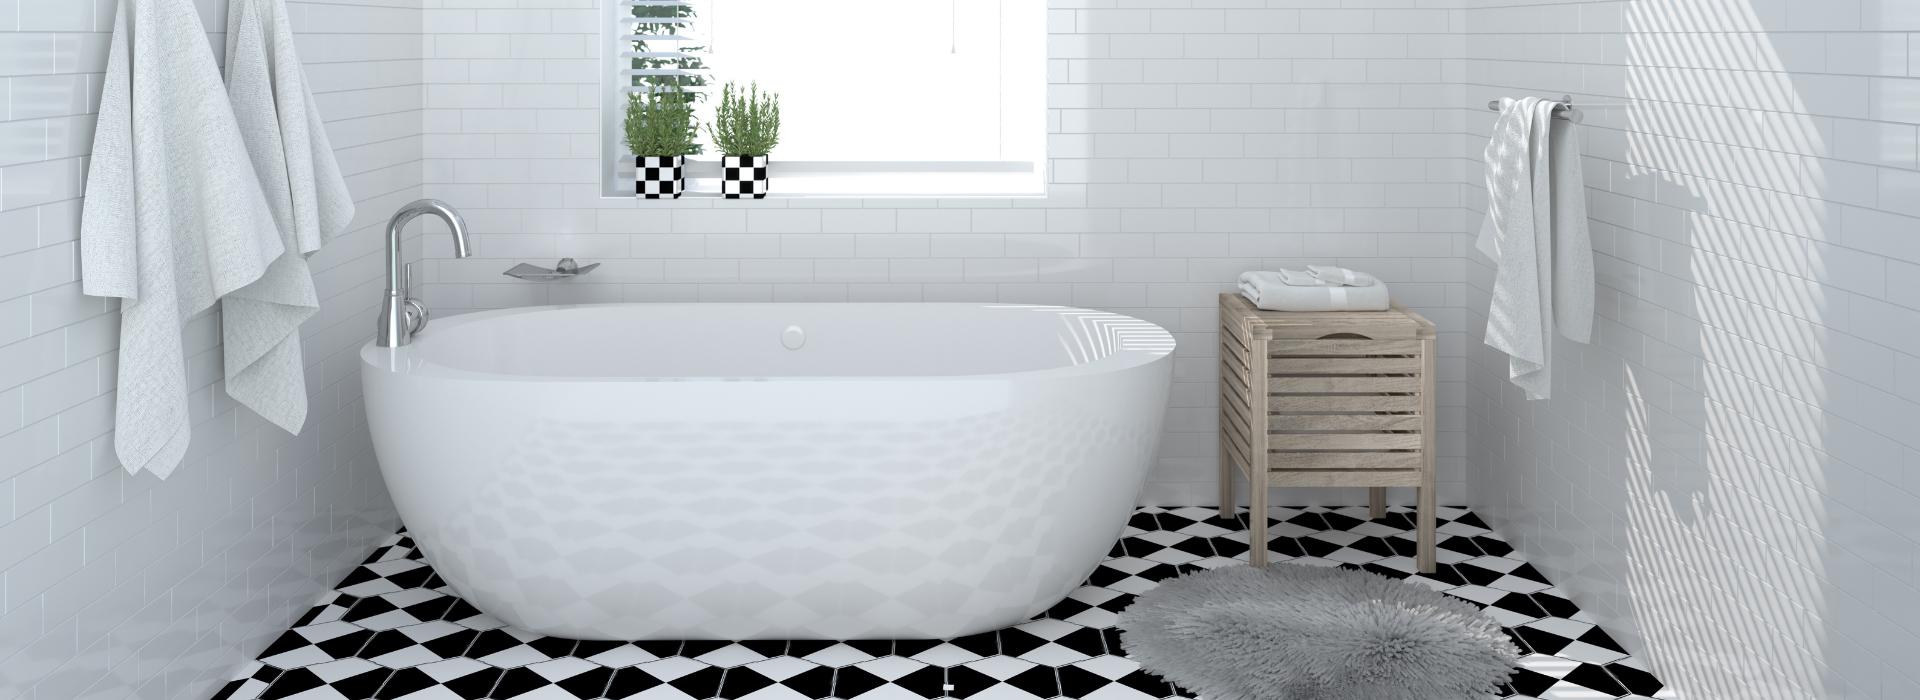 baño limpio y perfecto